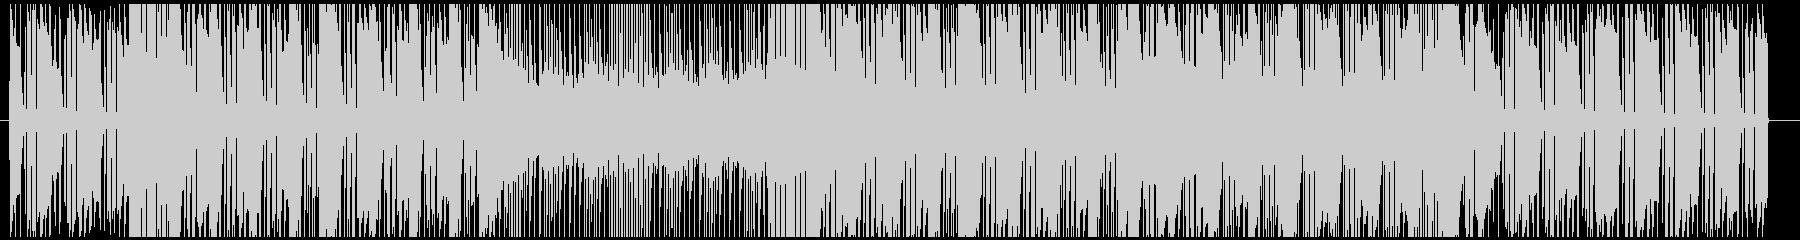 ソリッドなシンセベースが印象的なハウスの未再生の波形